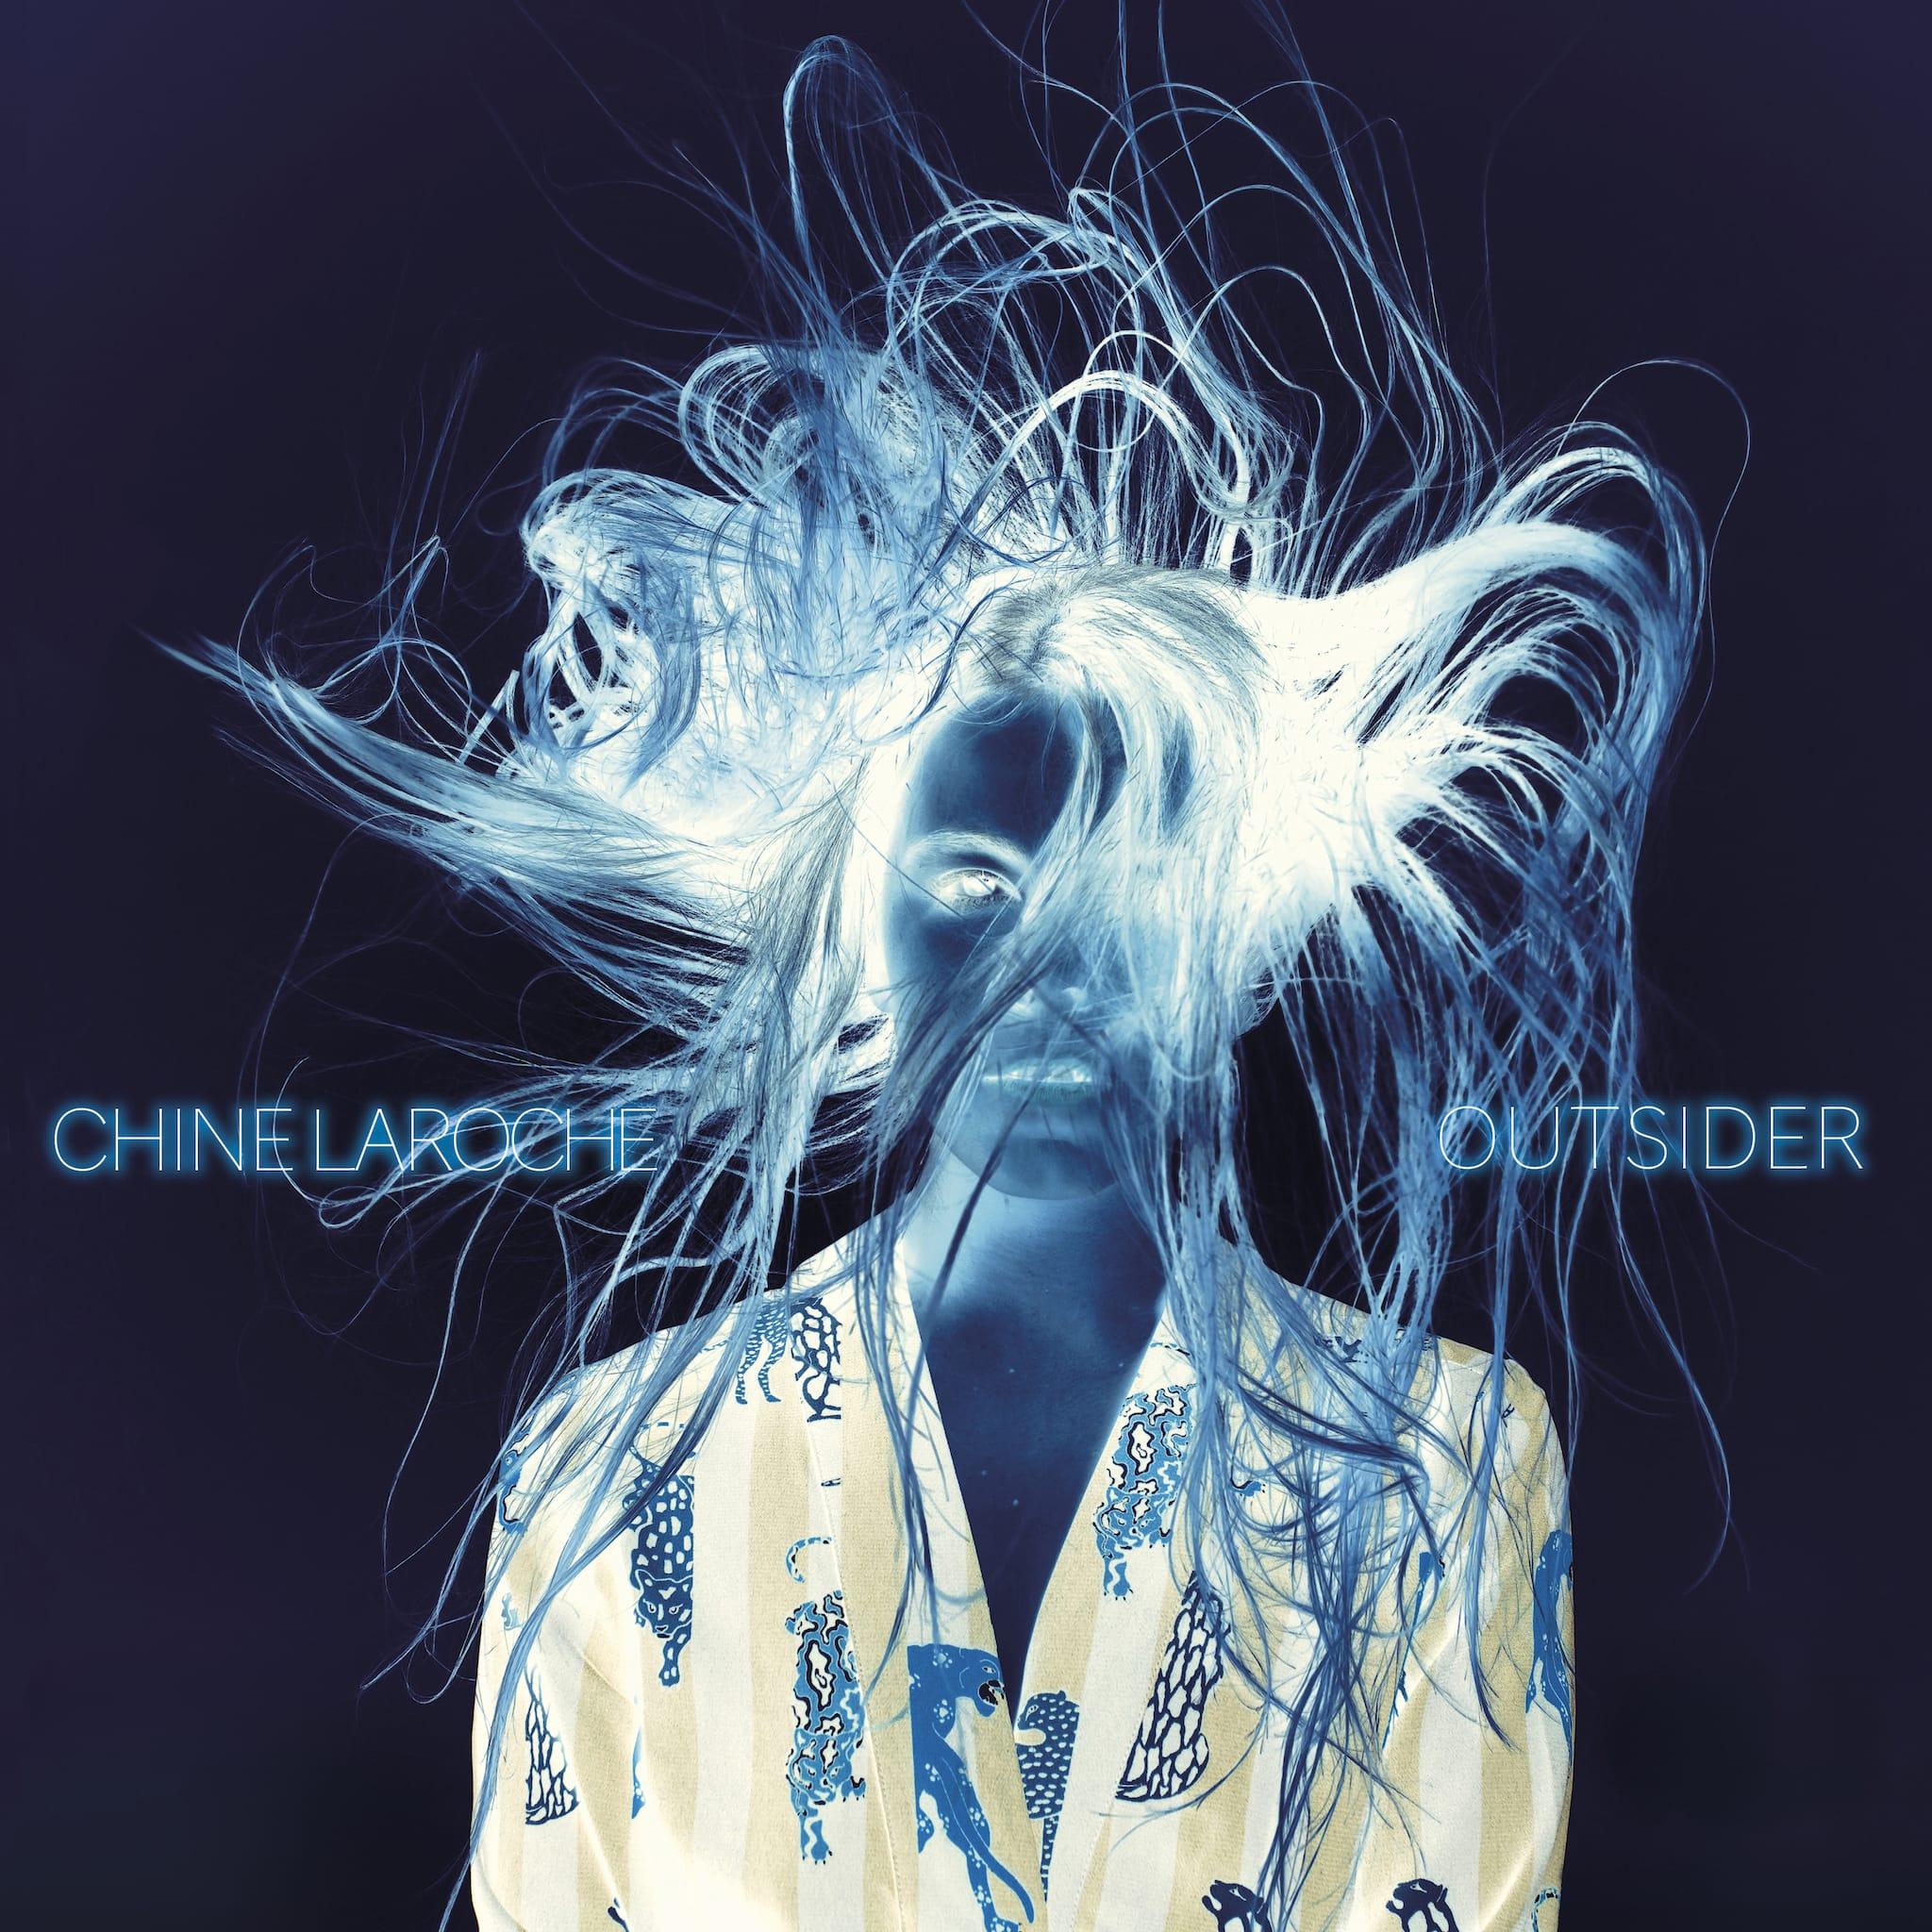 Chine Laroche image pochette cover EP Outsider musique